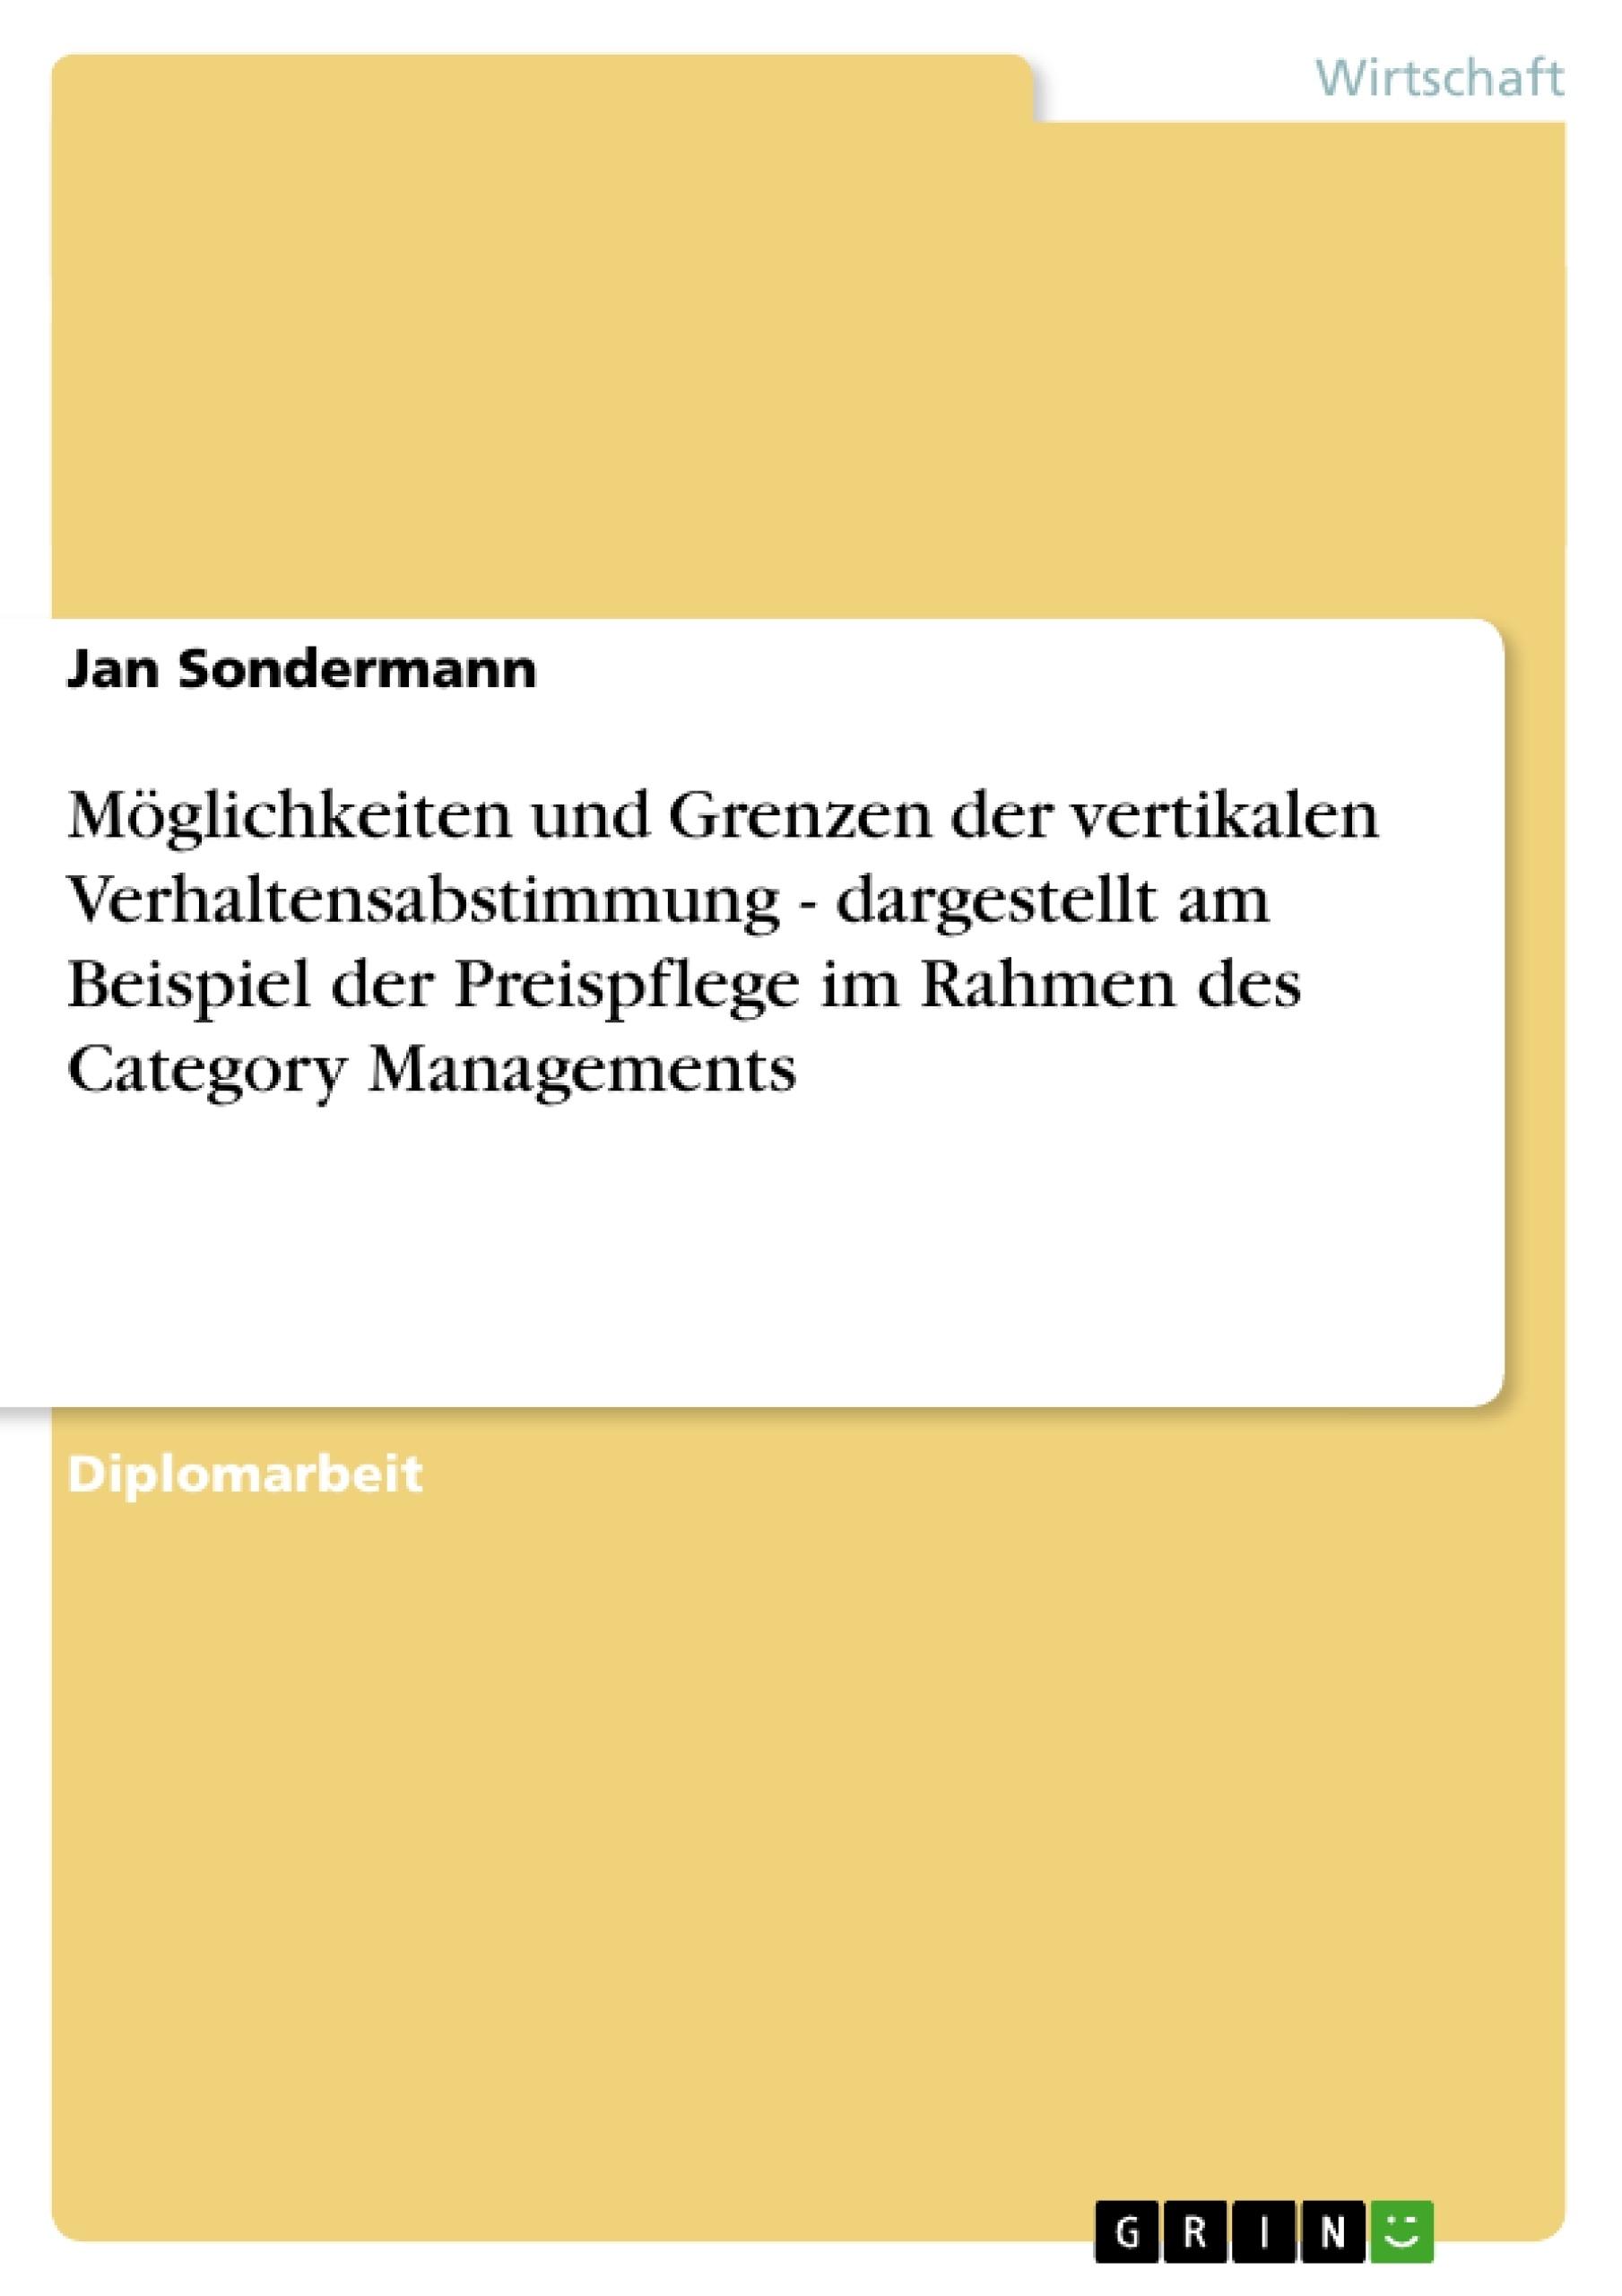 Titel: Möglichkeiten und Grenzen der vertikalen Verhaltensabstimmung - dargestellt am Beispiel der Preispflege im Rahmen des Category Managements